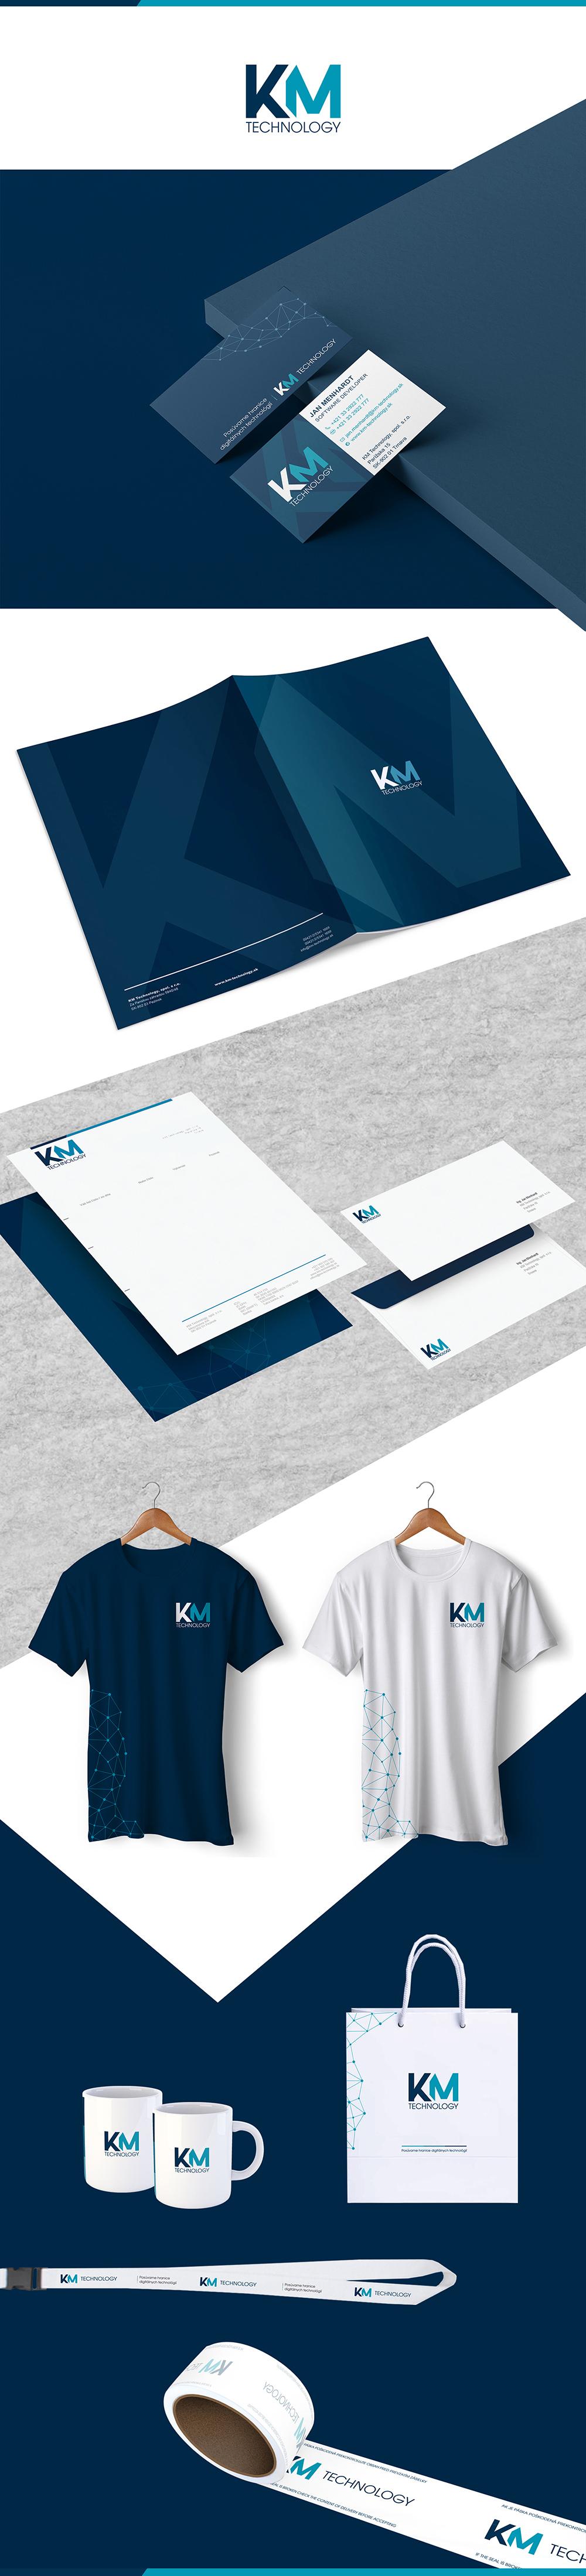 KMtech-CI_web